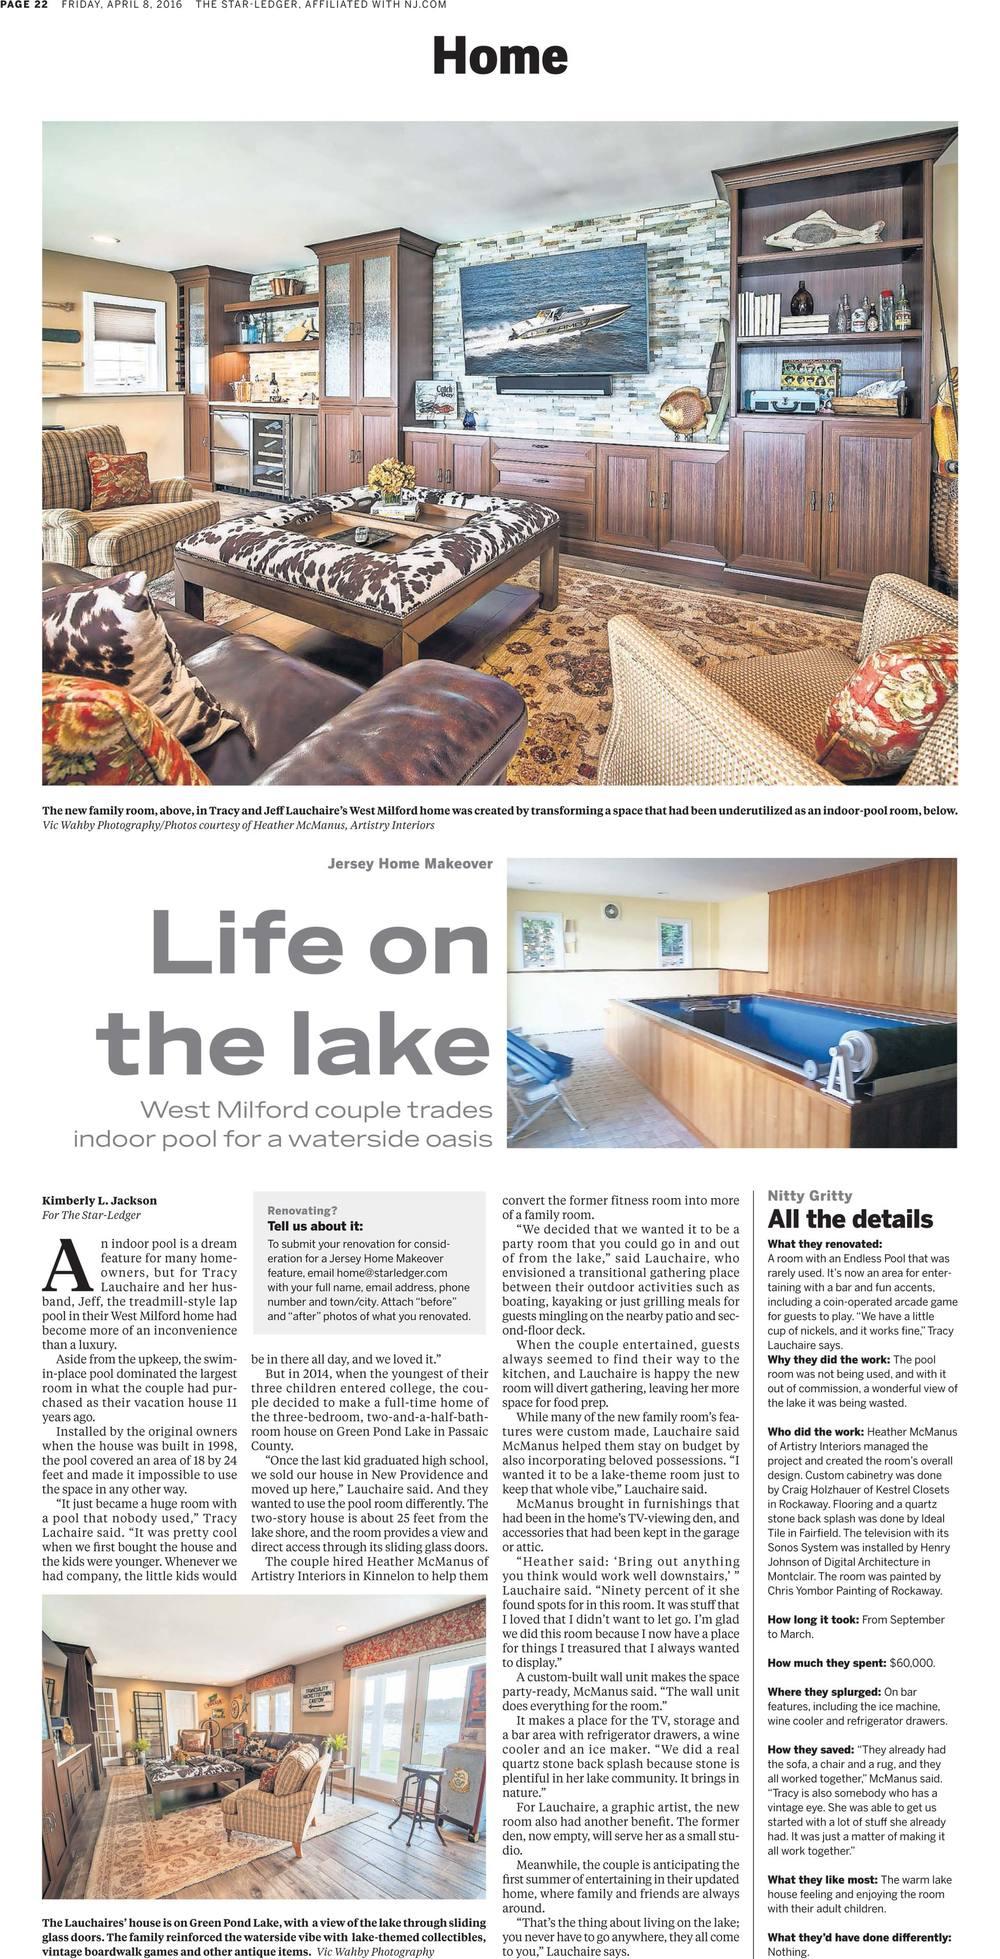 Star-Ledger-Home-Article_opt3.jpg